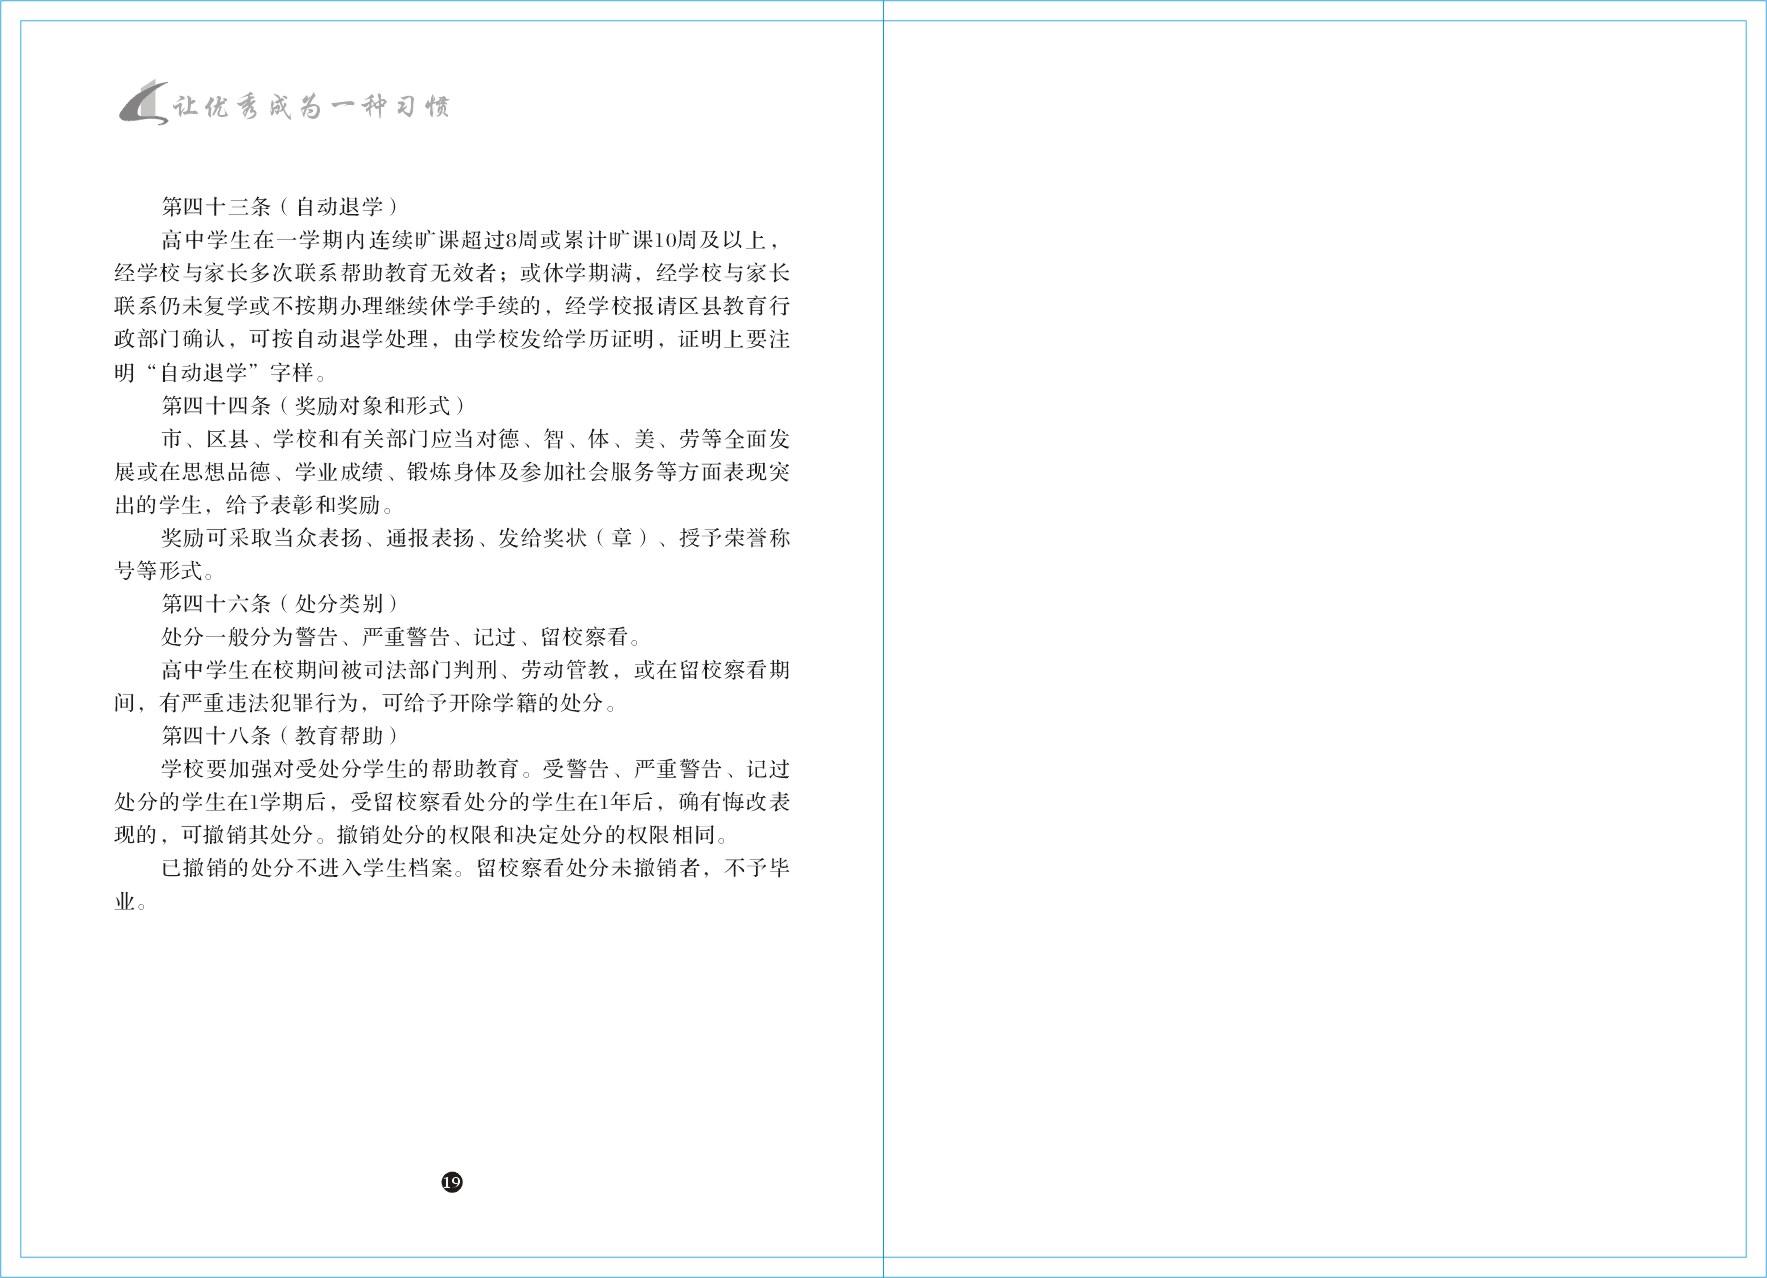 上海大学市北附属中学学生手册